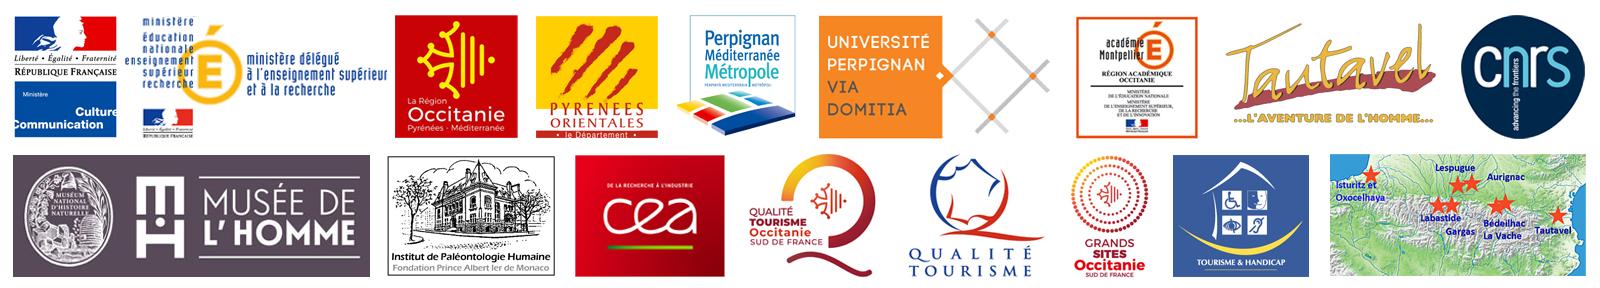 Logos 2019 partenaires